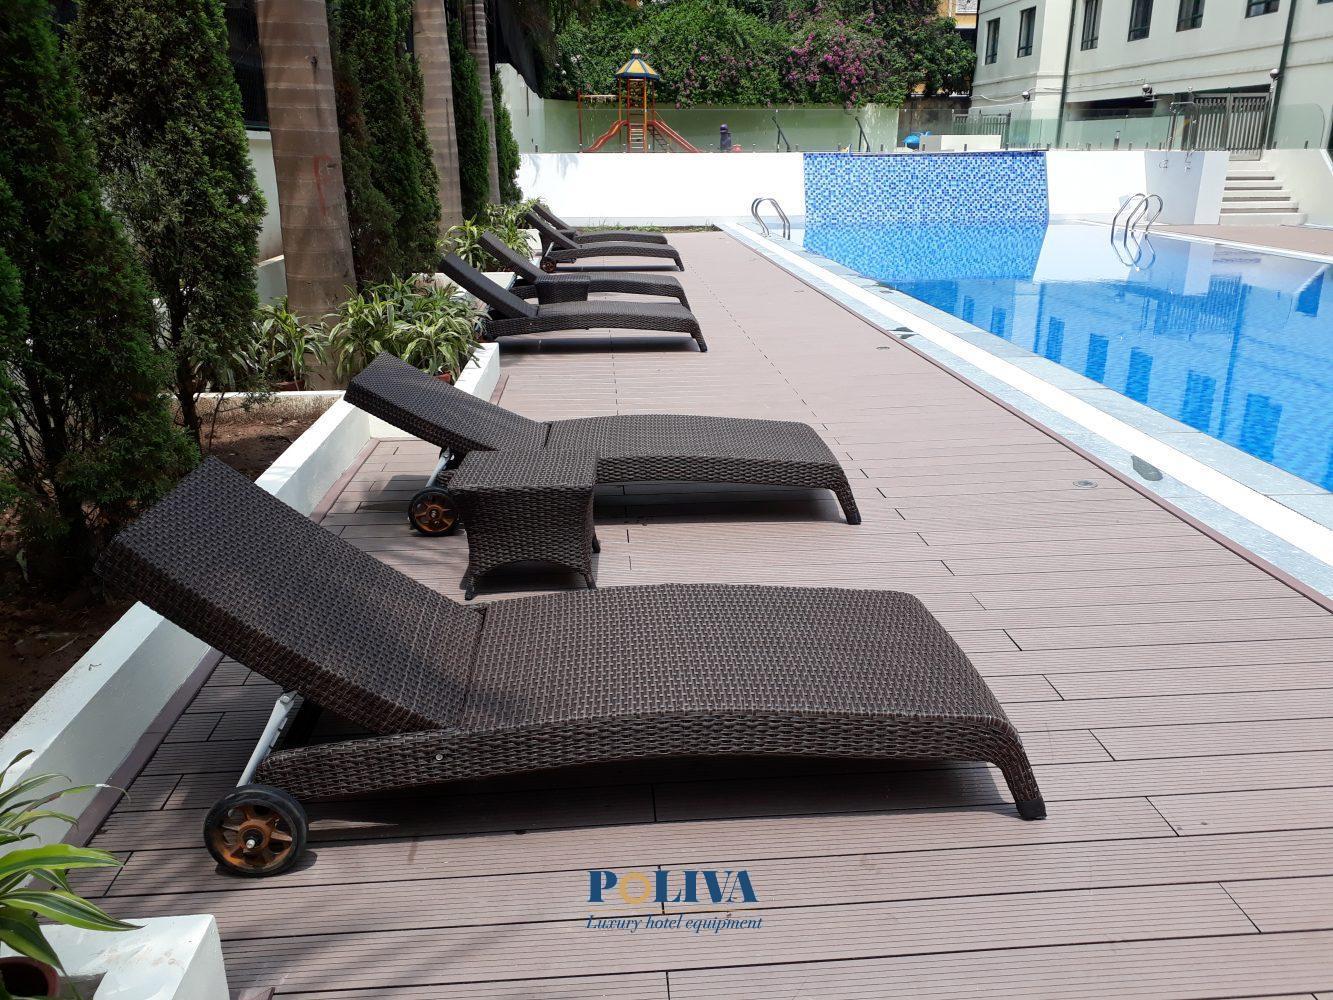 Tại sao mua ghế hồ bơi tại Poliva phải chờ đợi